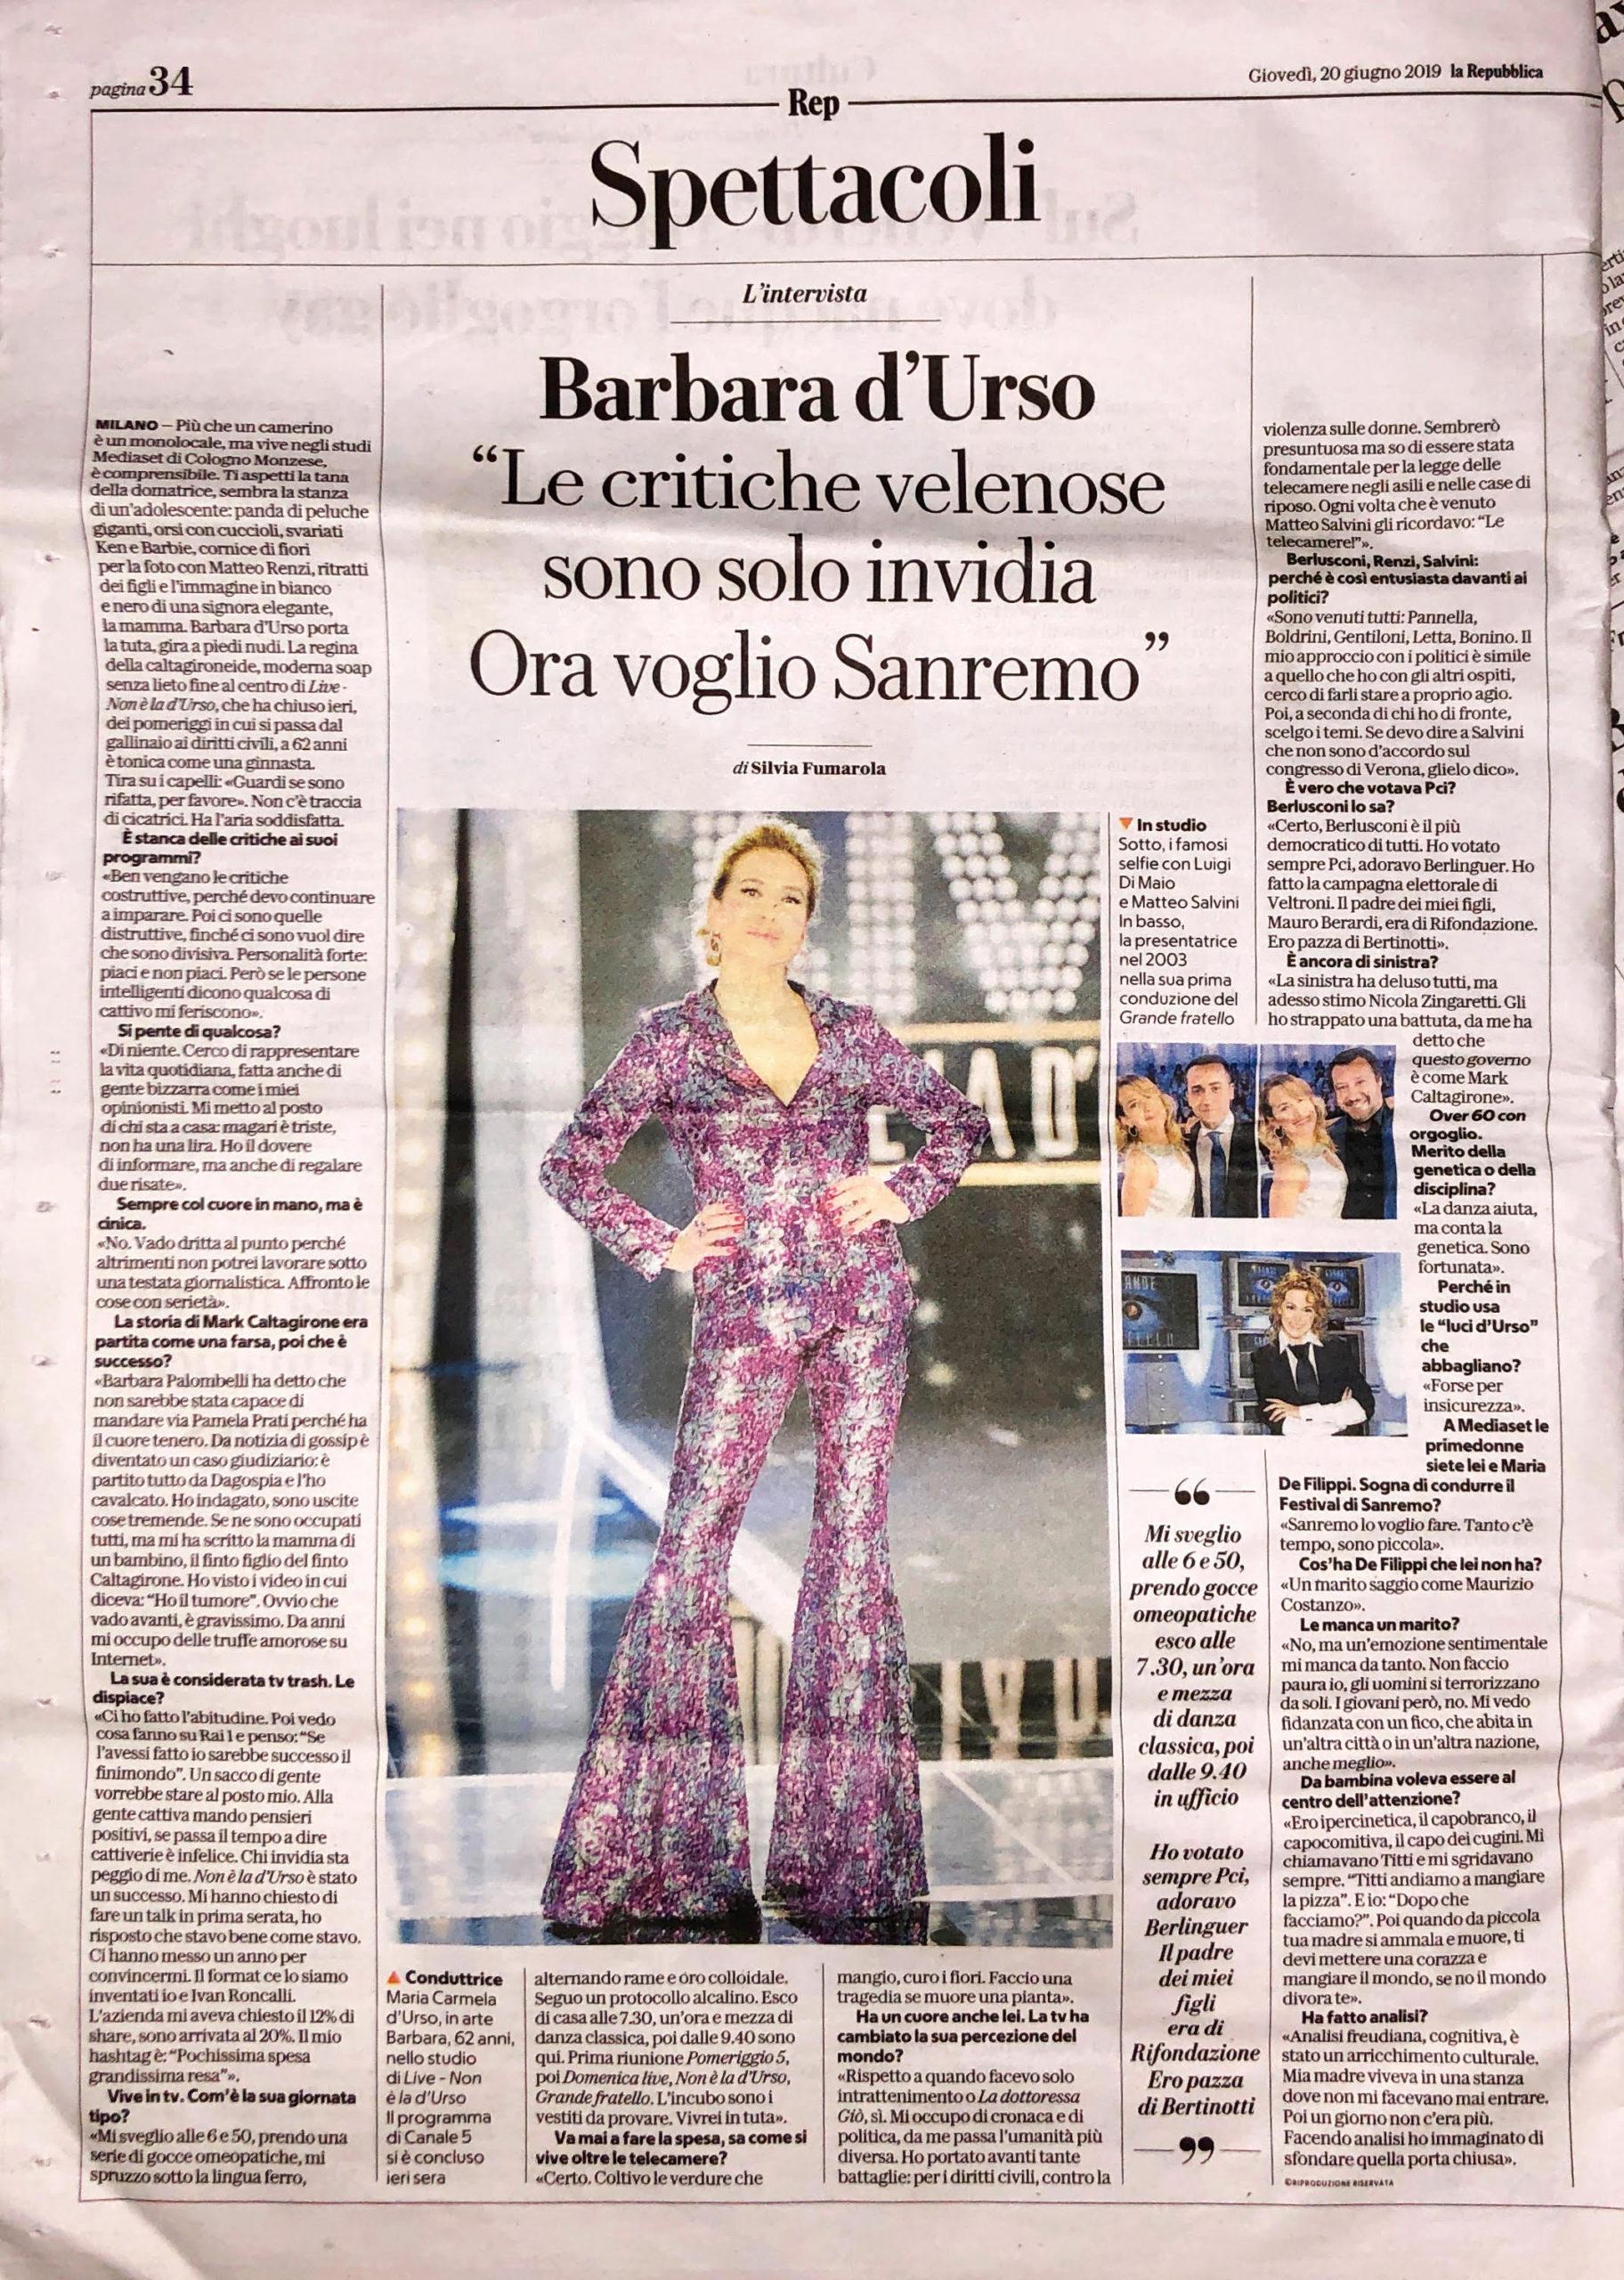 La Repubblica, Giugno 2019